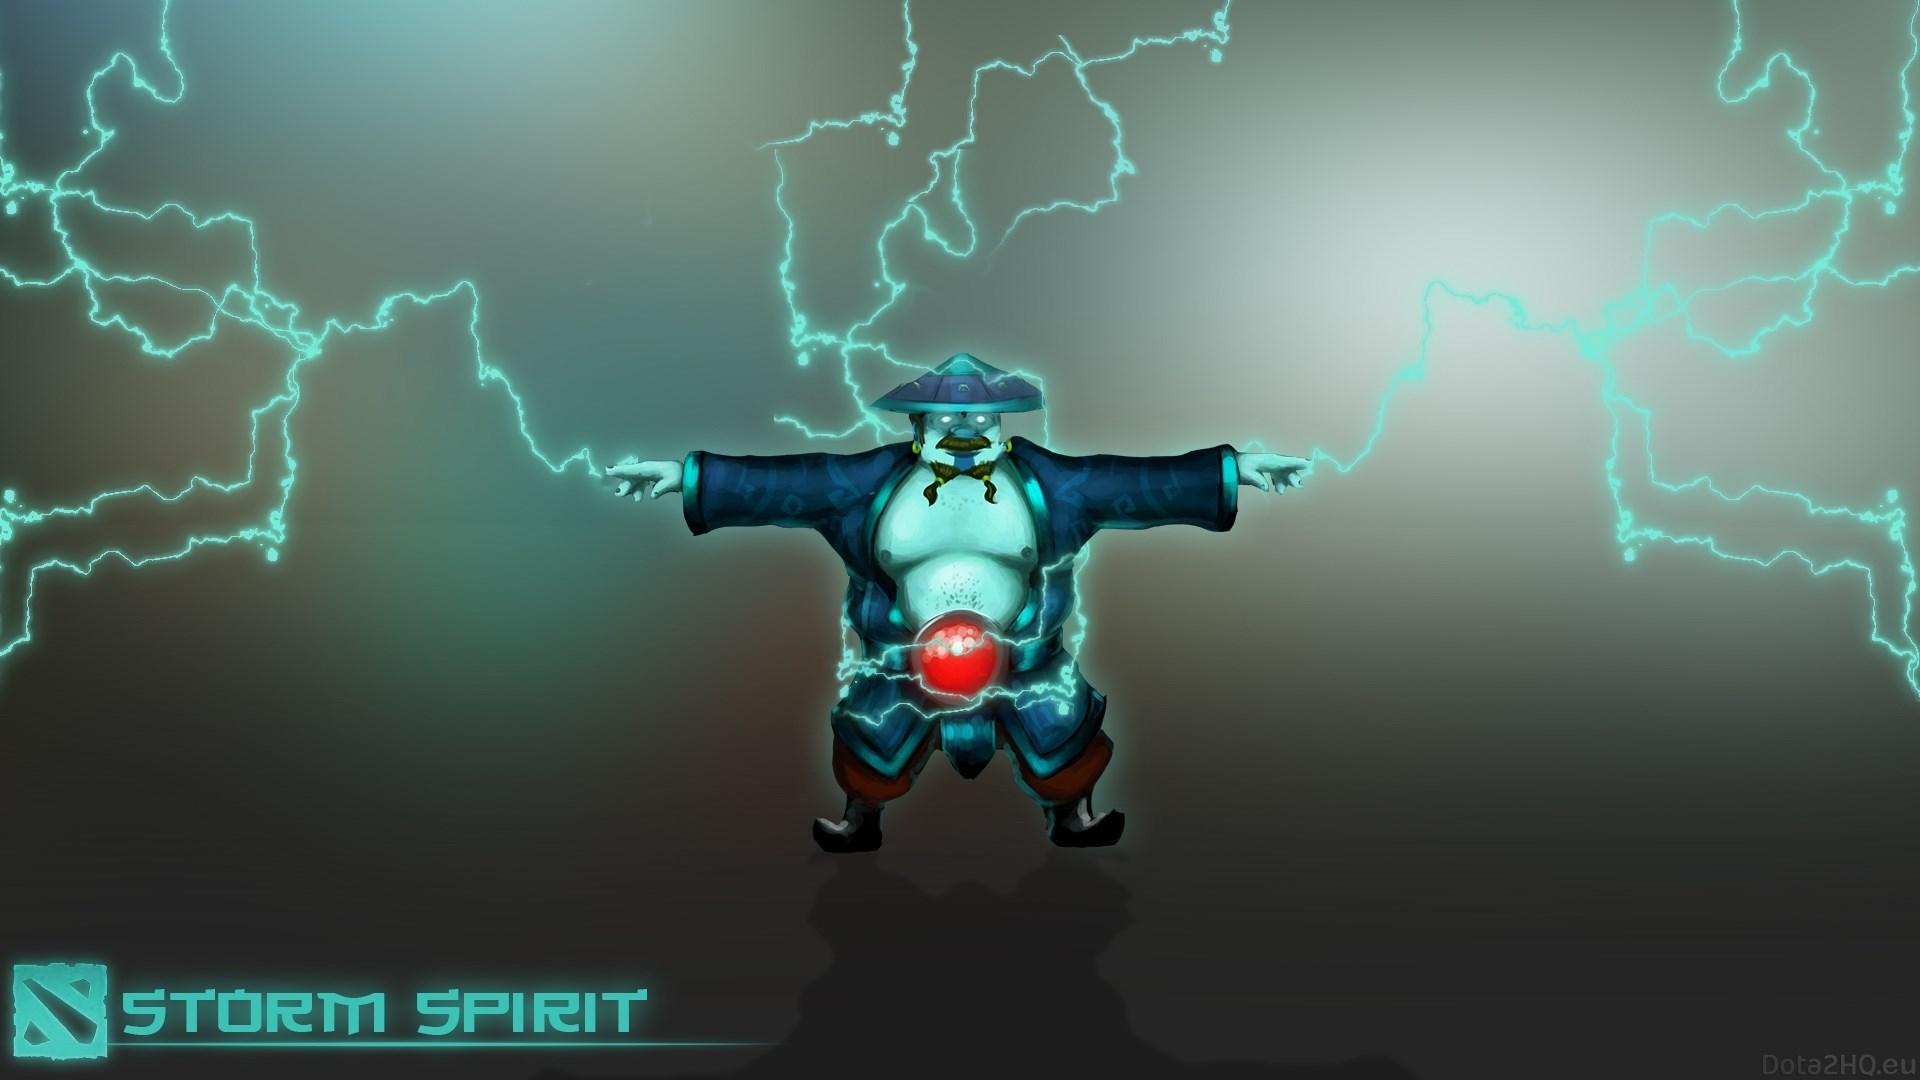 Foto Shtorma V Dota 2 Kartinki Storm Spirit